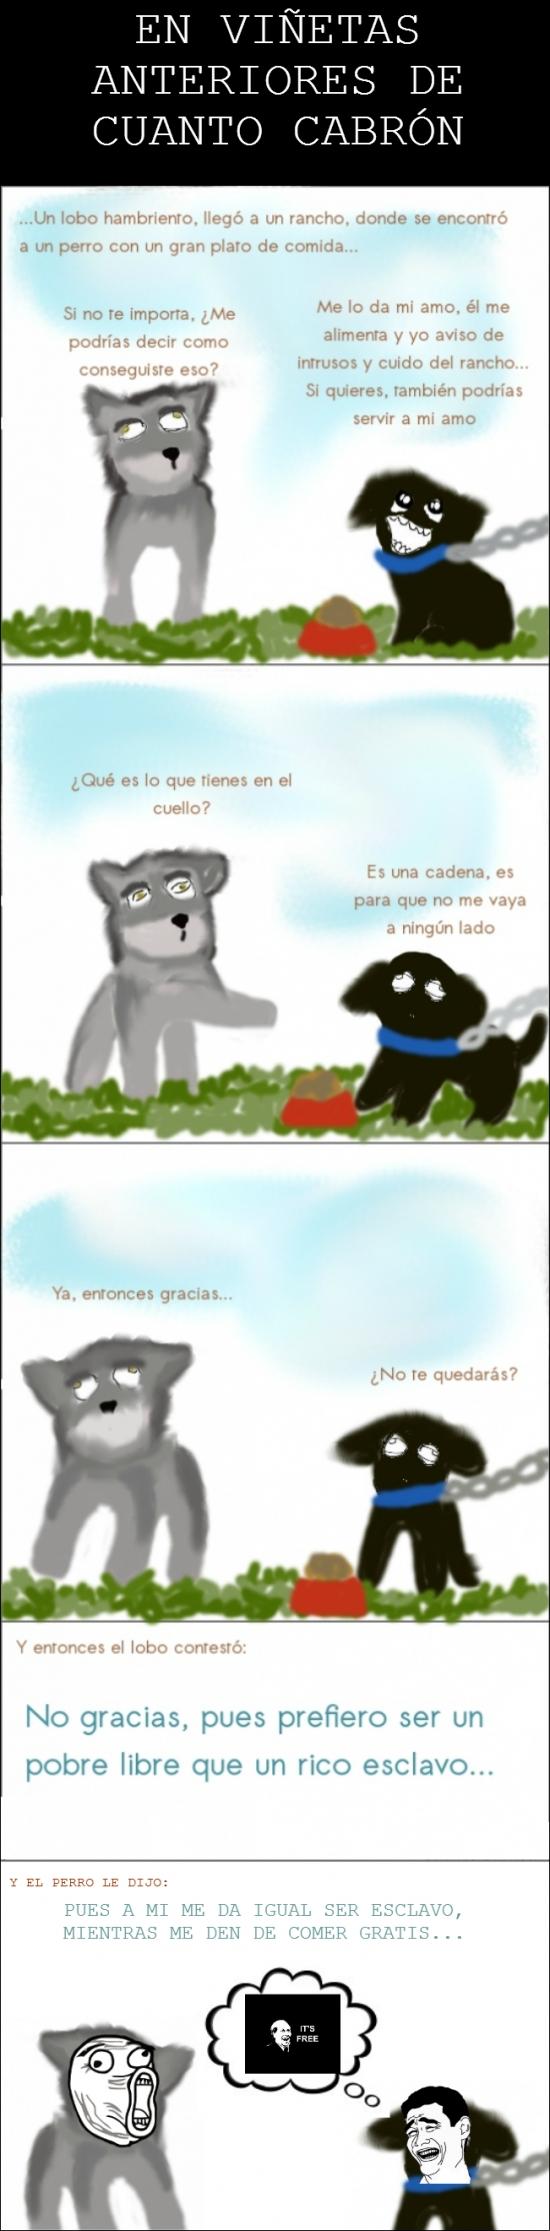 Its_free - La historia paralela de la fábula del perro y el lobo